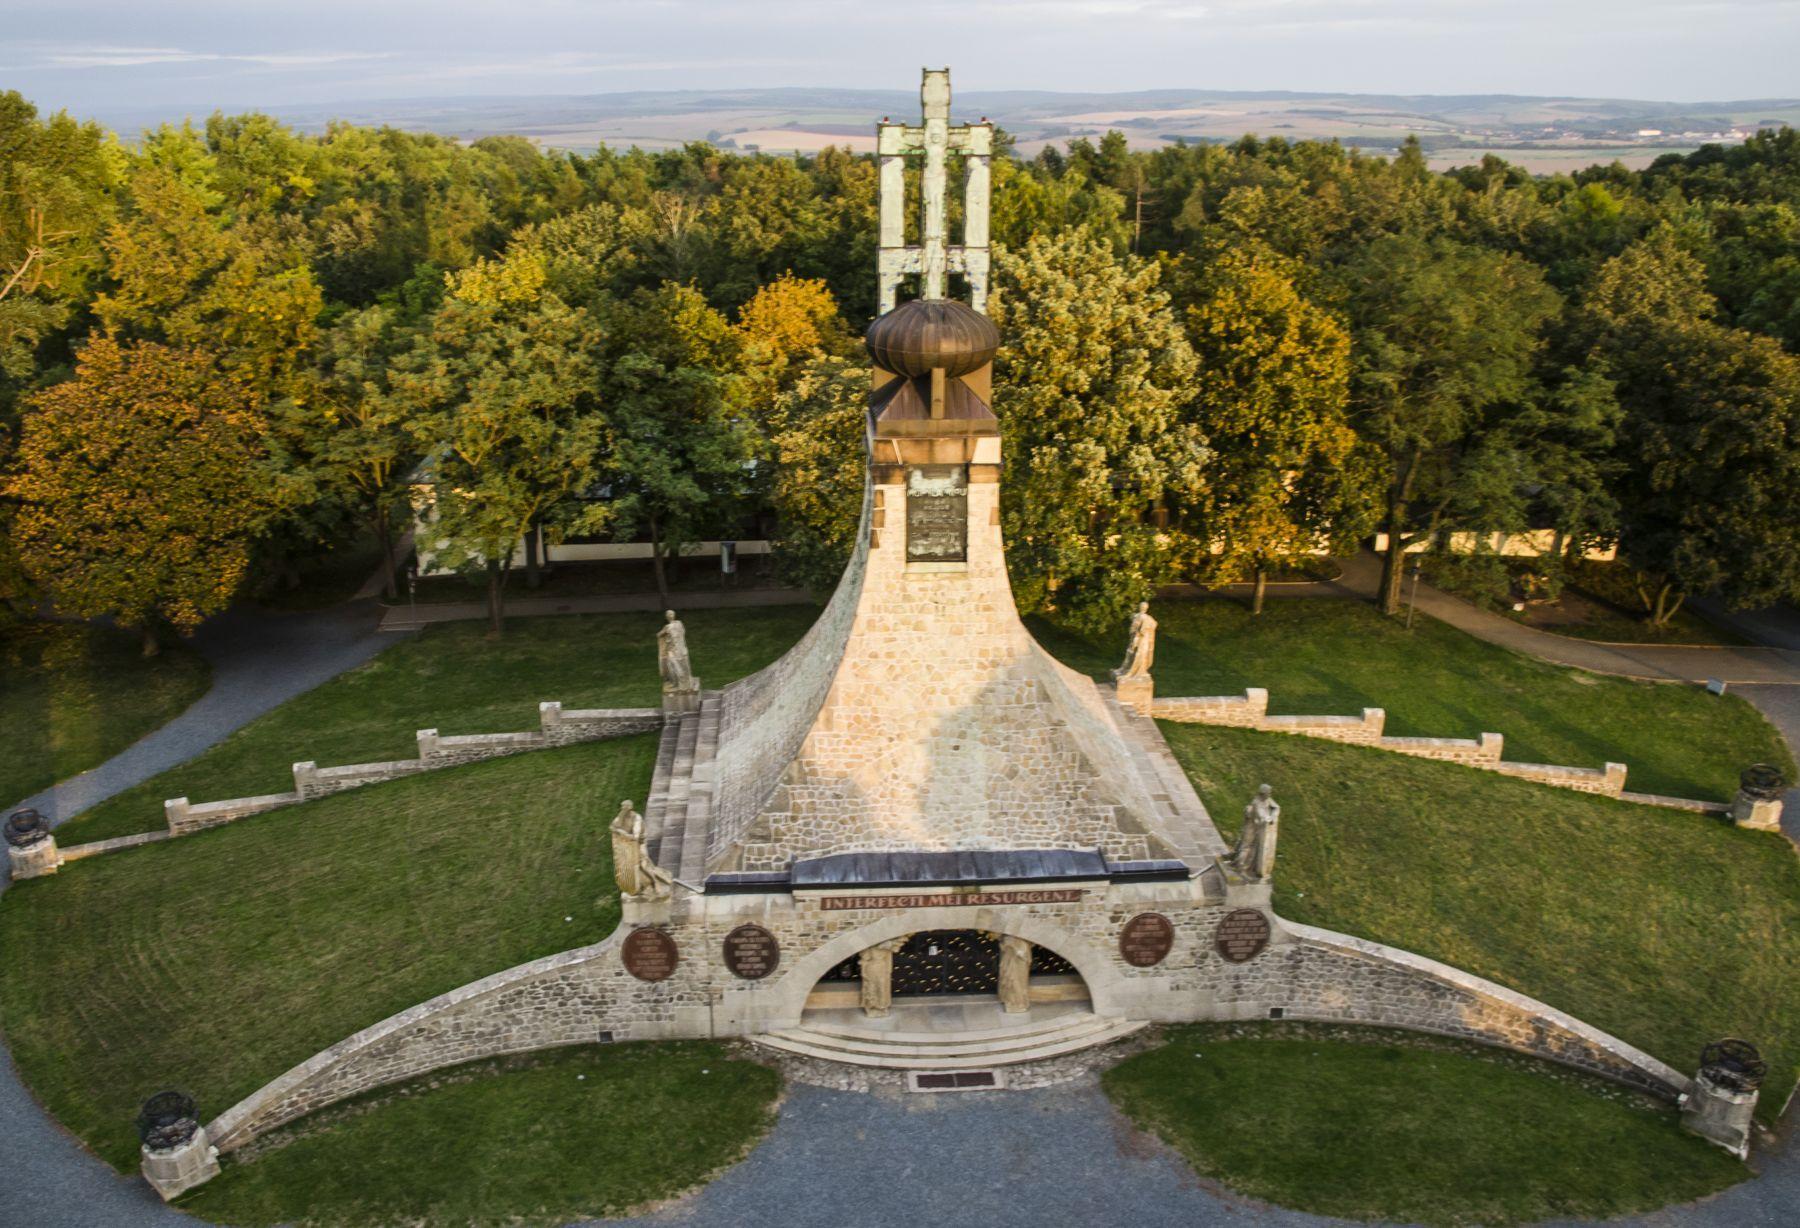 Slavkovské bojiště - Mohyla míru v okolí Brna